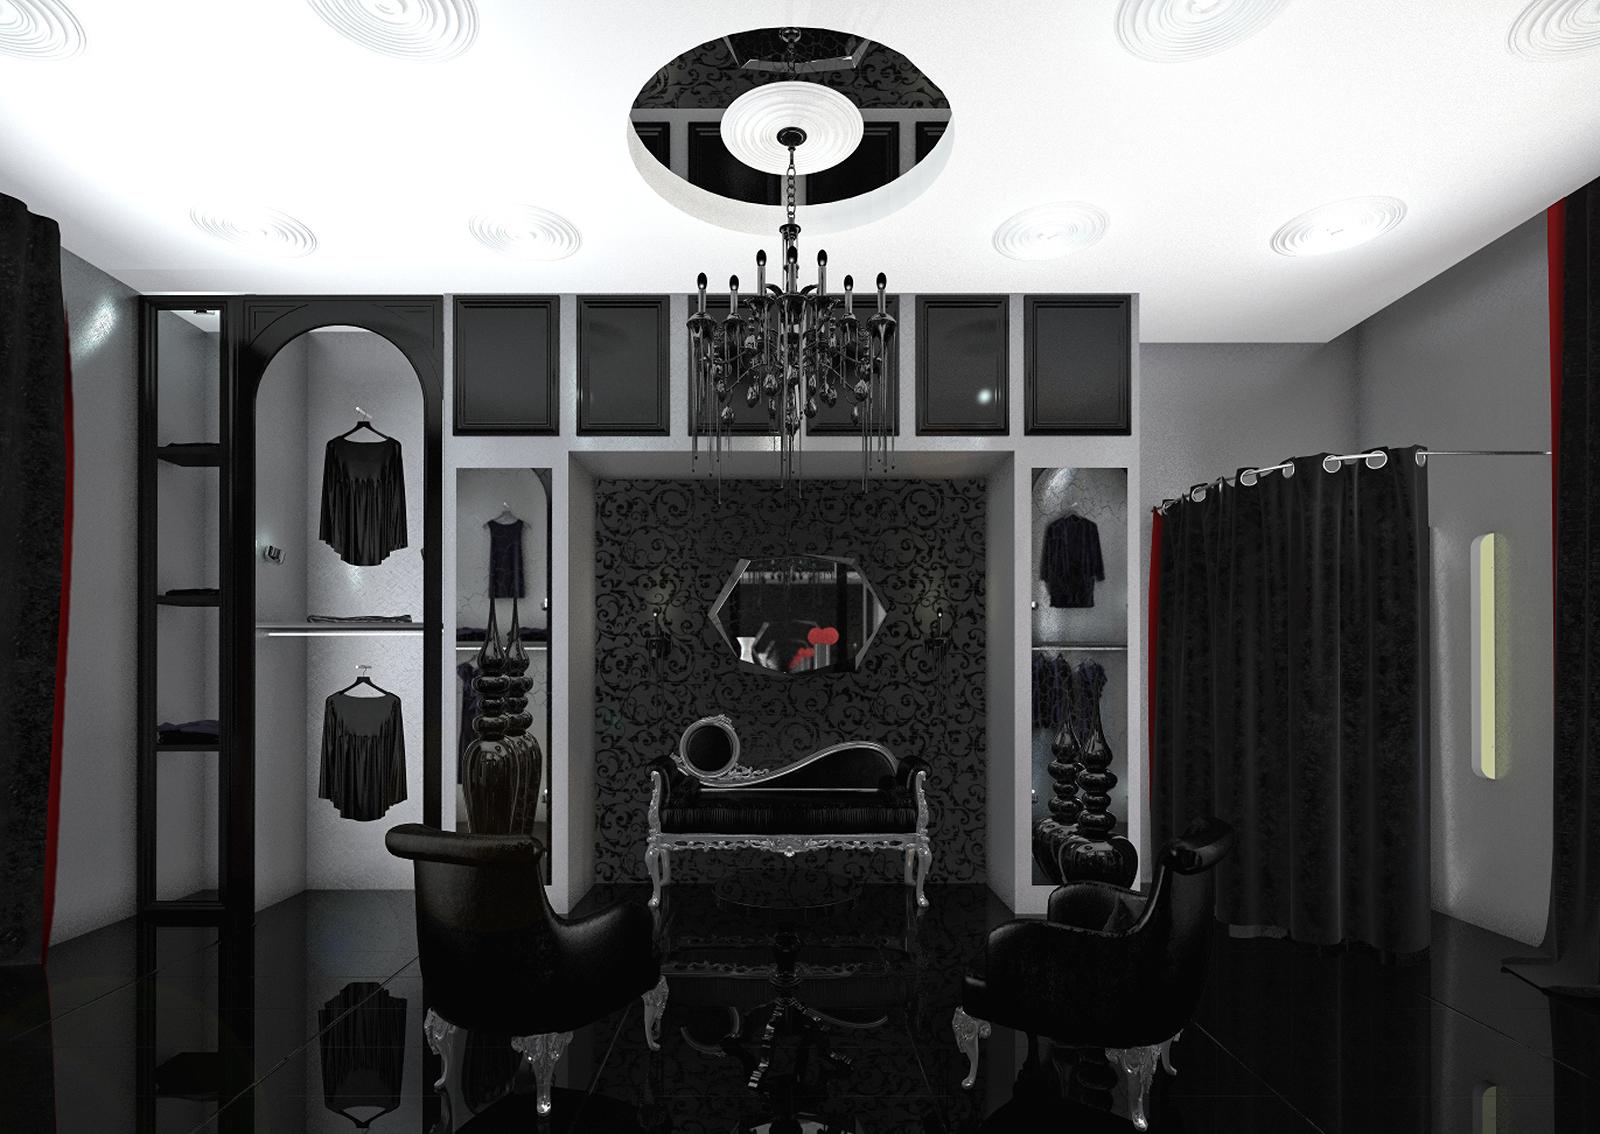 Showroom, shop, 3d